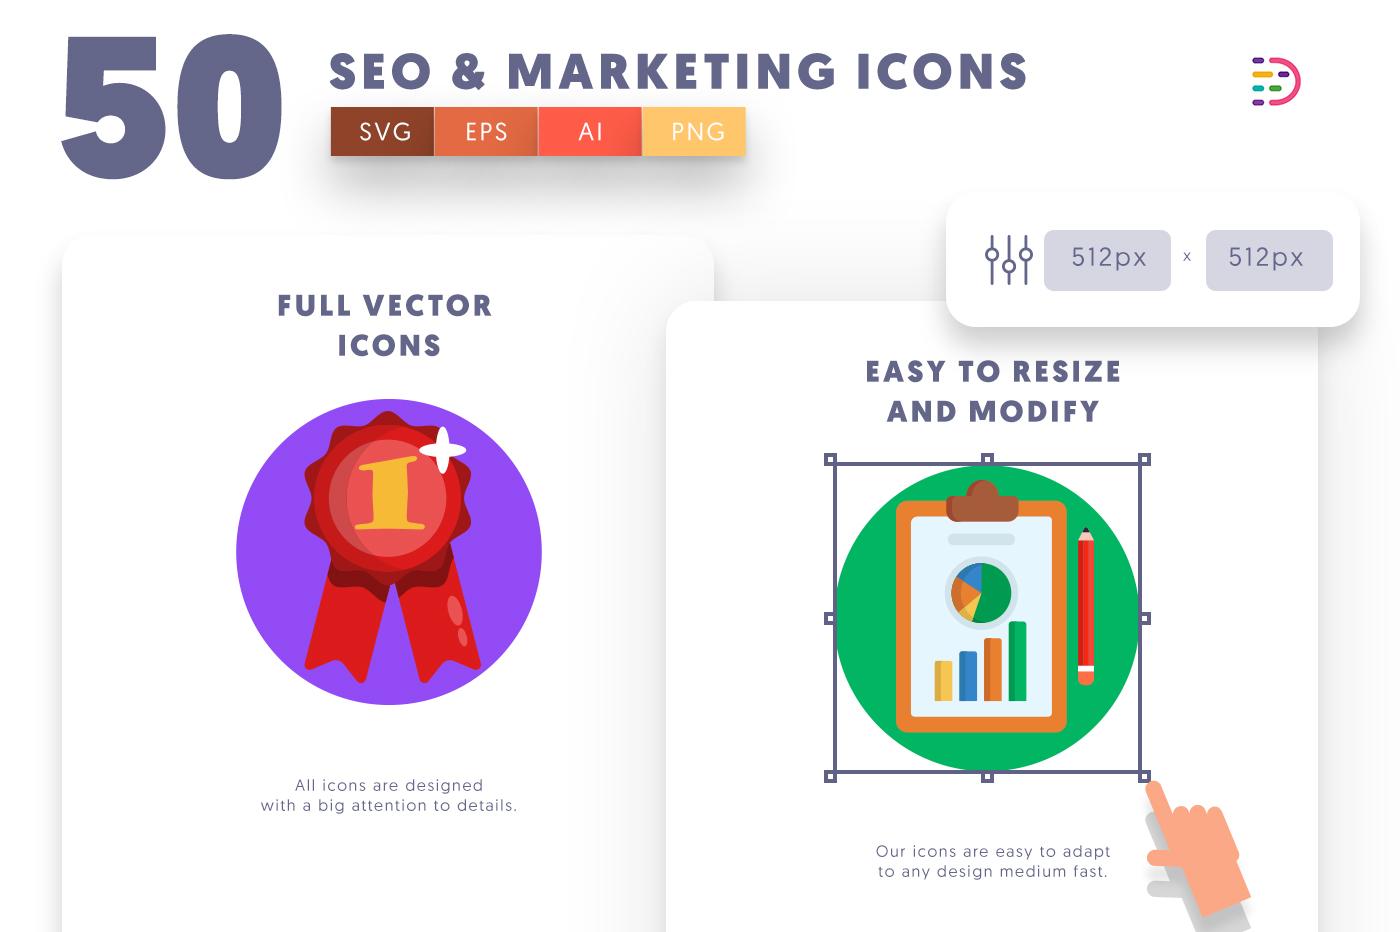 Full vector 50 Seo & Marketing Icons